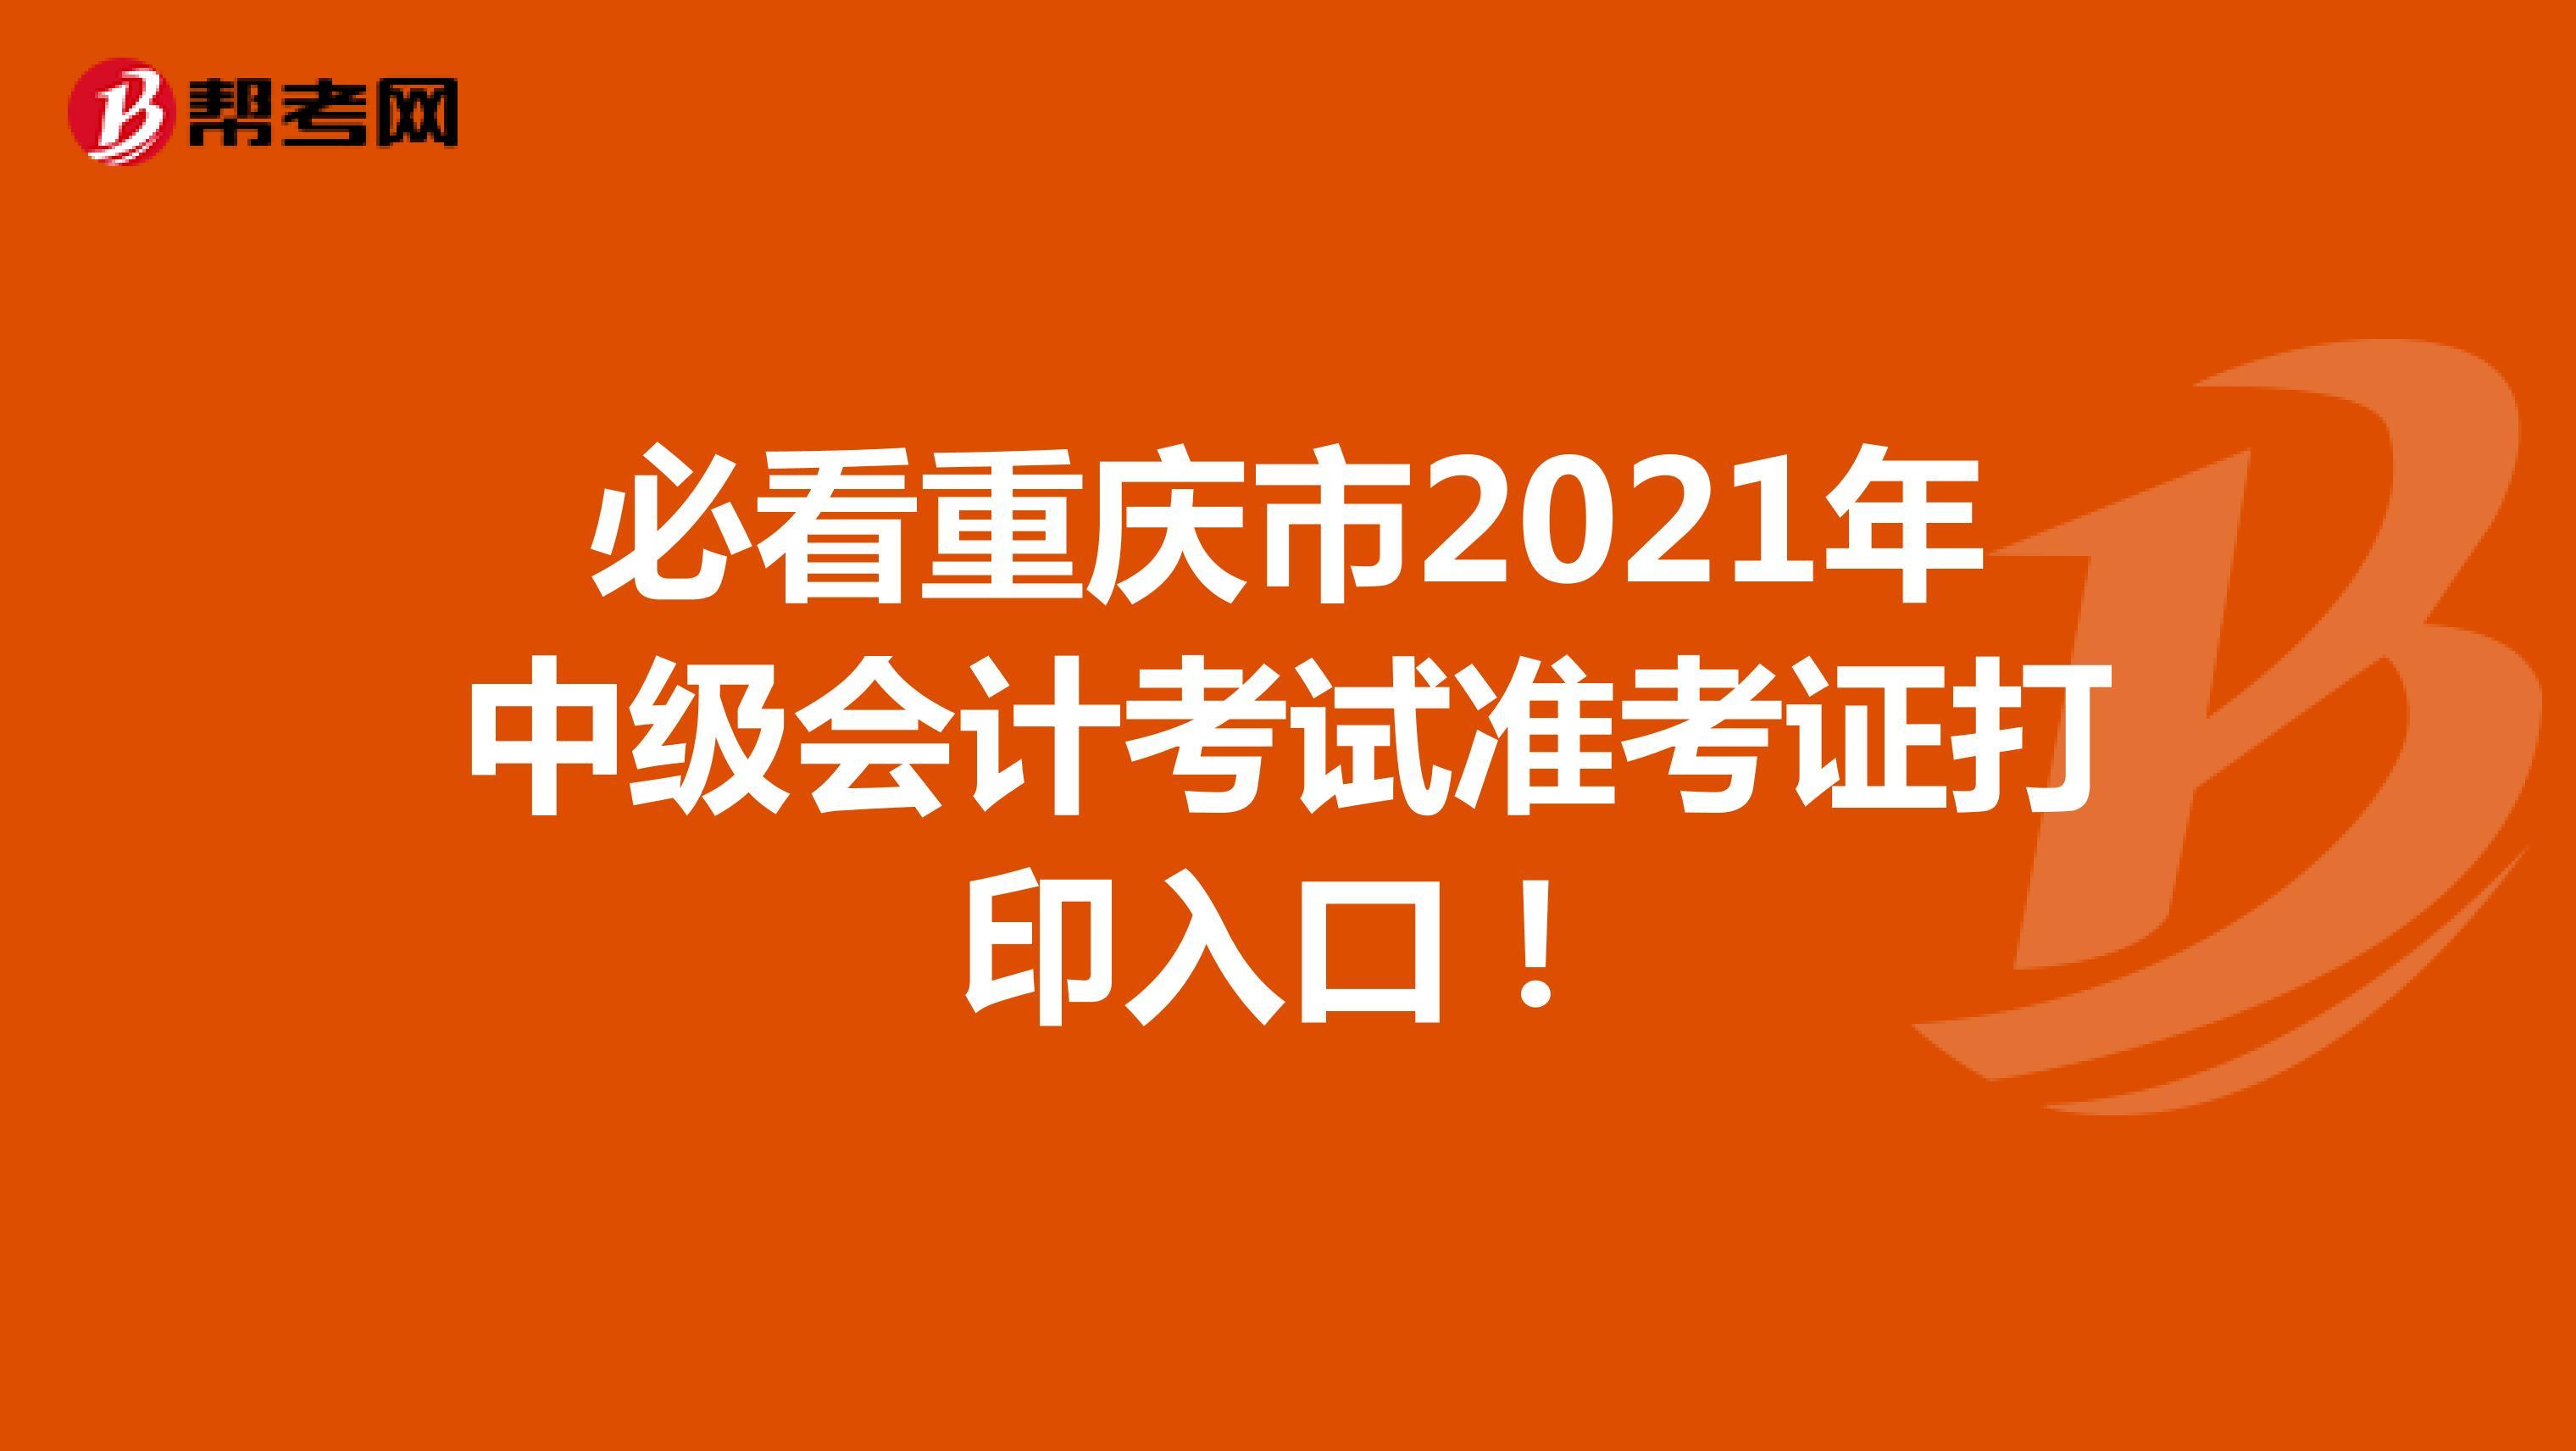 必看重庆市2021年中级会计考试准考证打印入口!